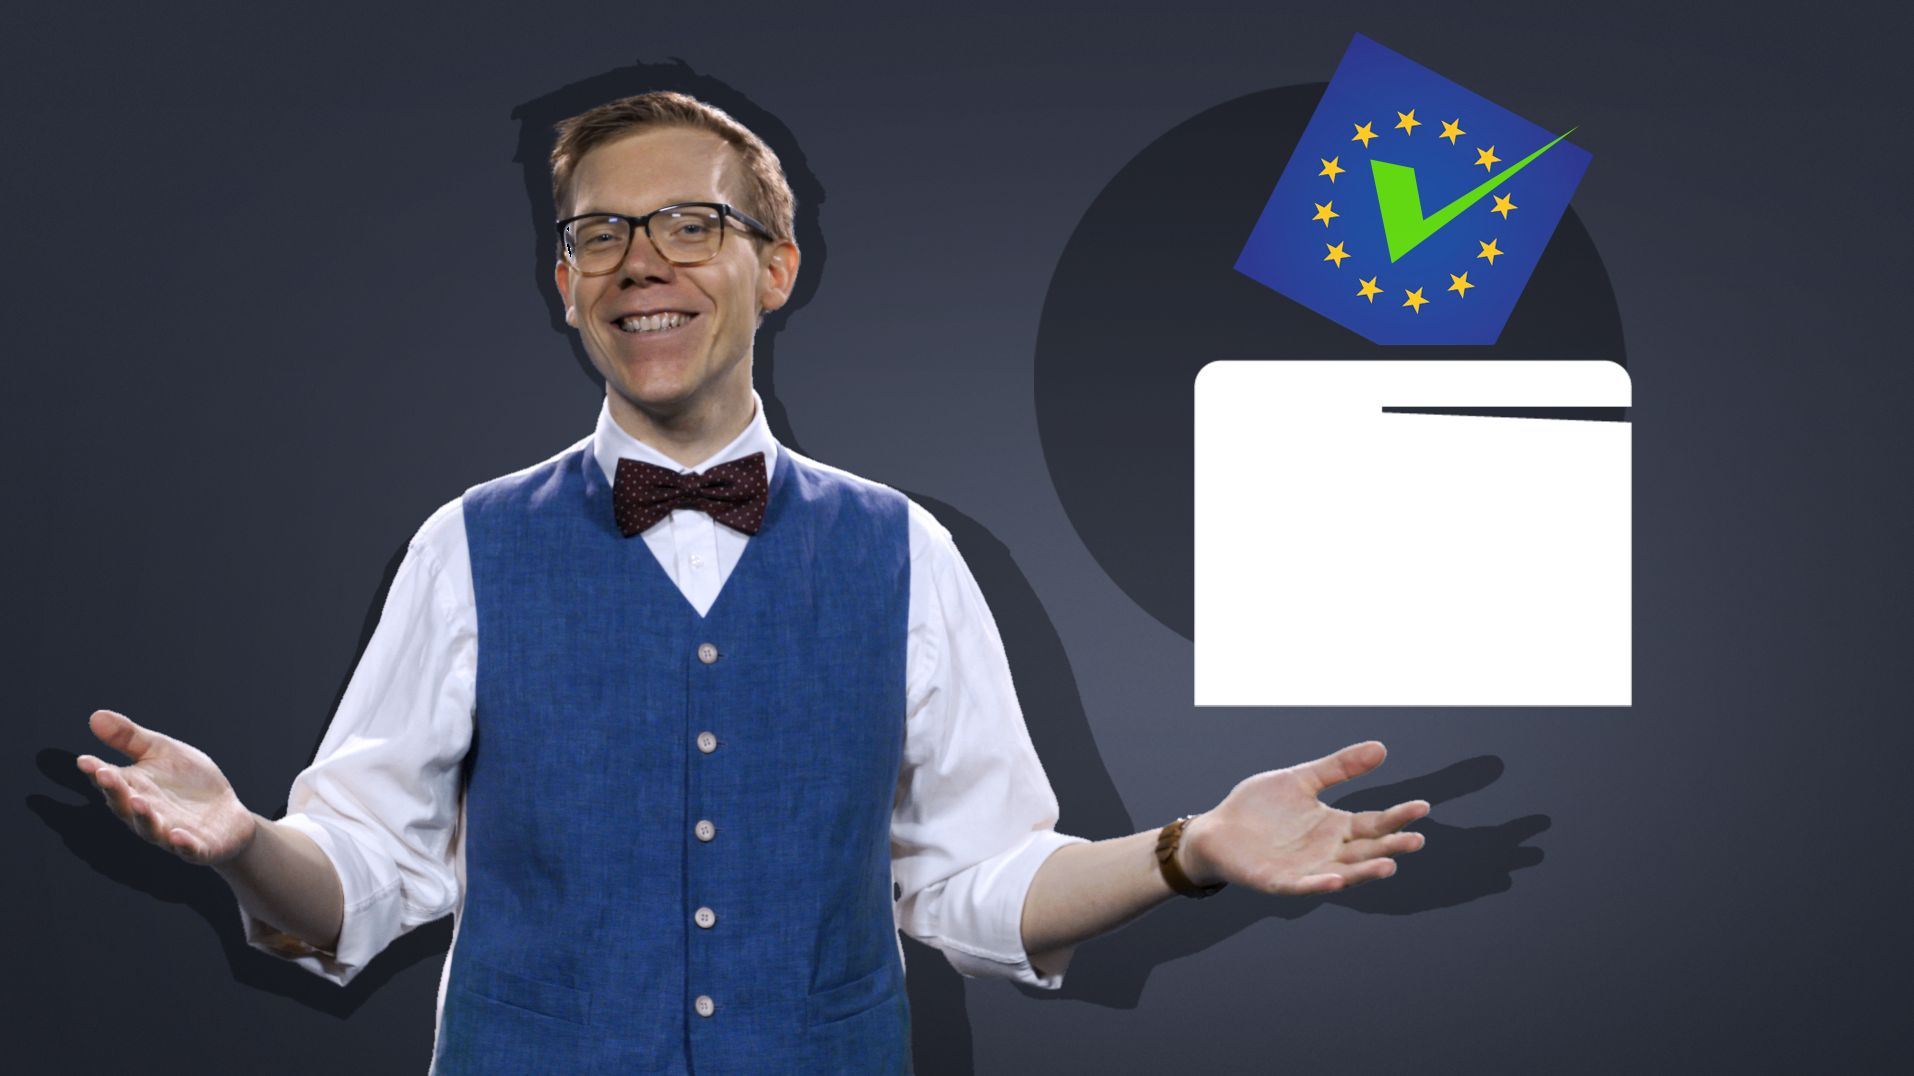 Possoch klärt: Drei wichtige Erkenntnisse zur Europawahl